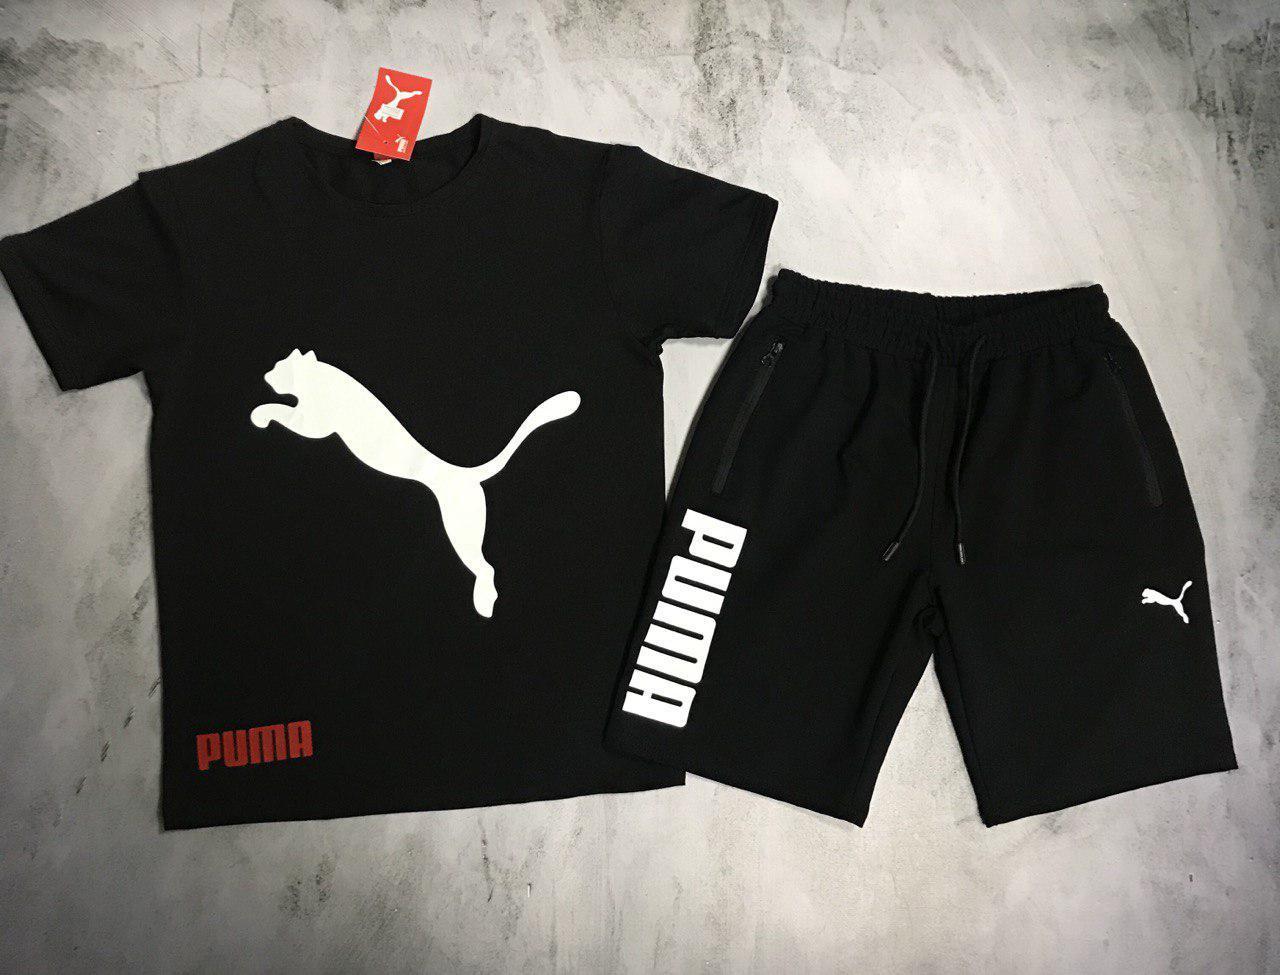 Мужской спортивный костюм (футболка и шорты) Puma Refusal